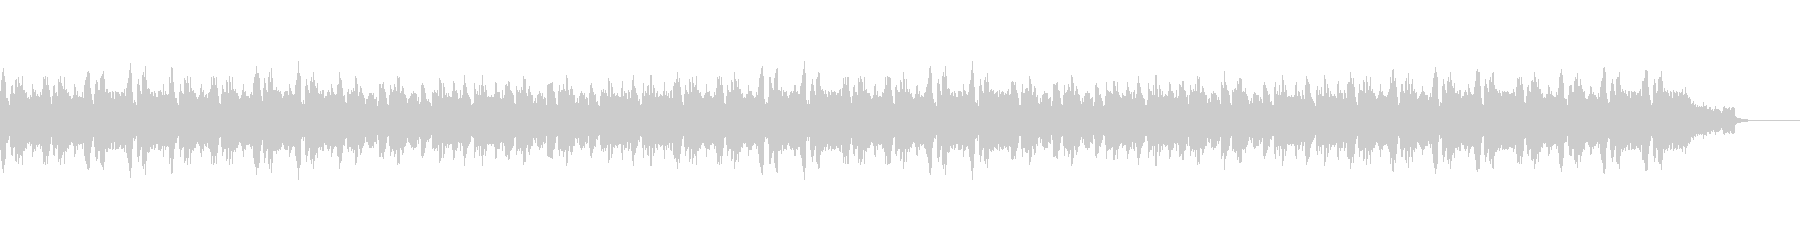 ミステリアスなクラシカルBGMの未再生の波形